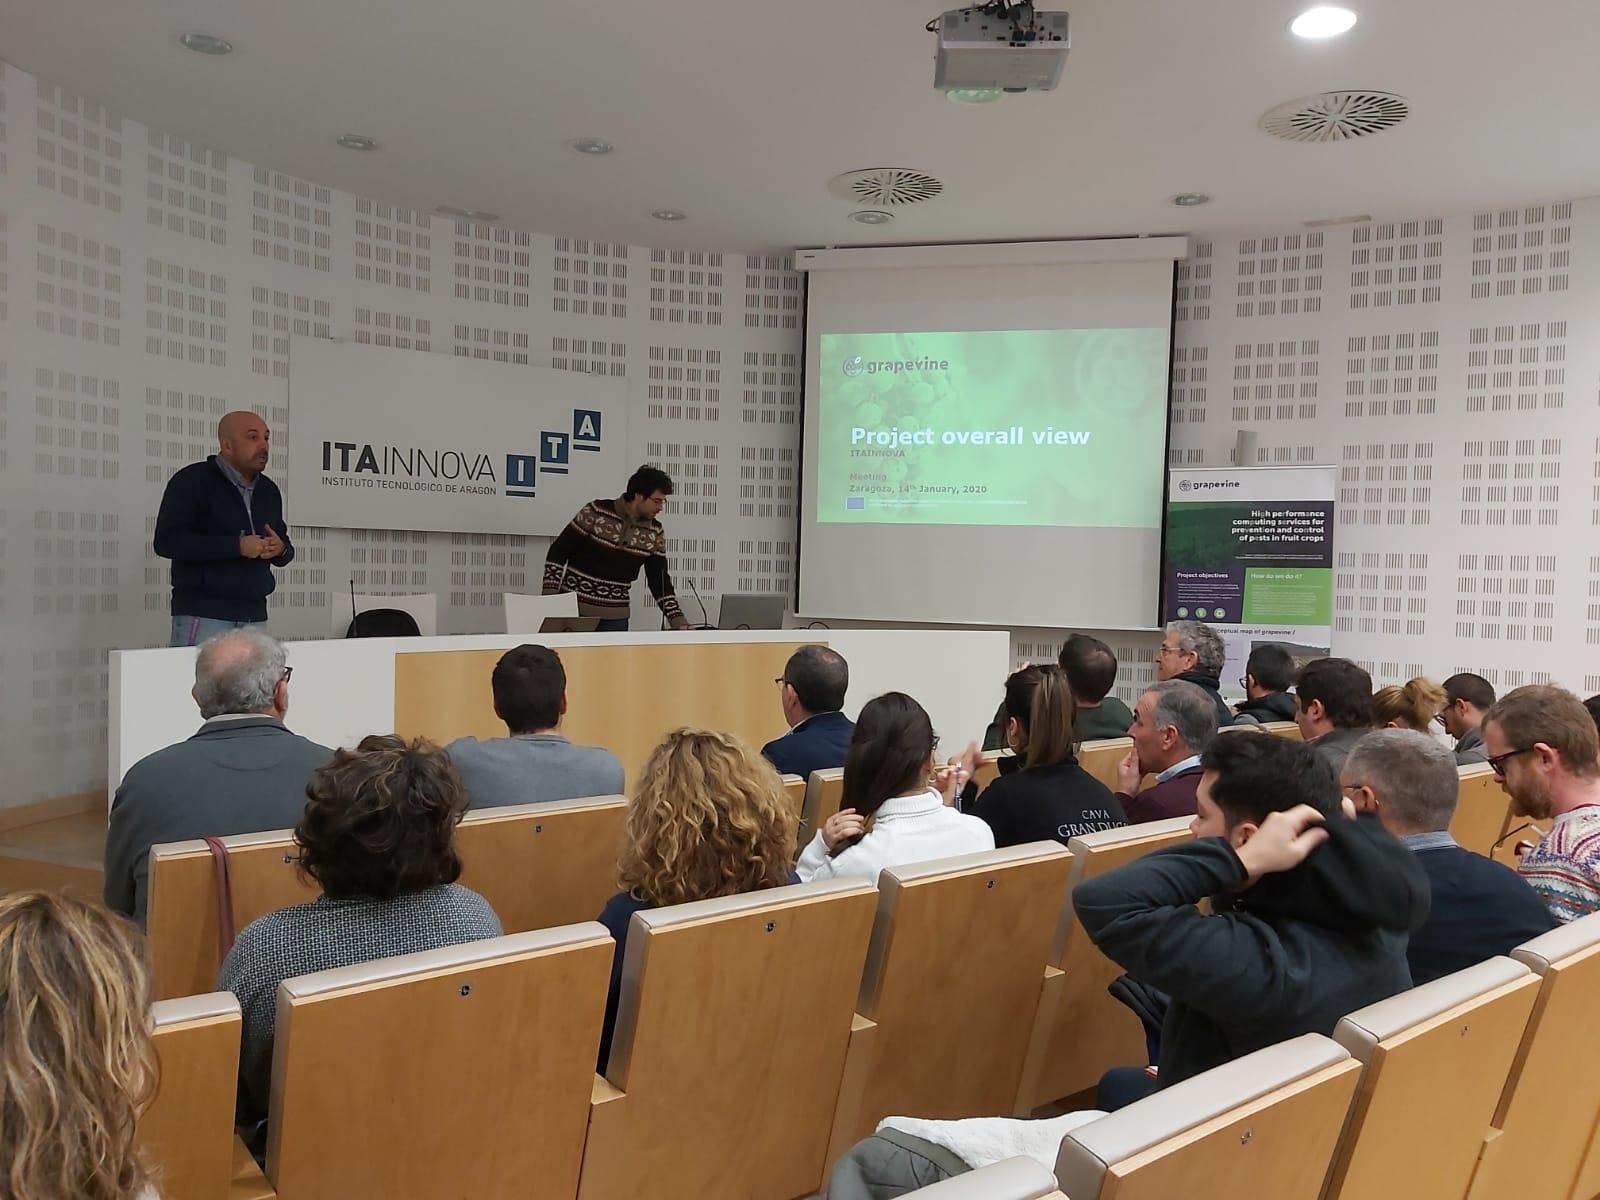 Técnicos agrícolas de D.O. vitícolas conocen en ITAINNOVA el proyecto GRAPEVINE